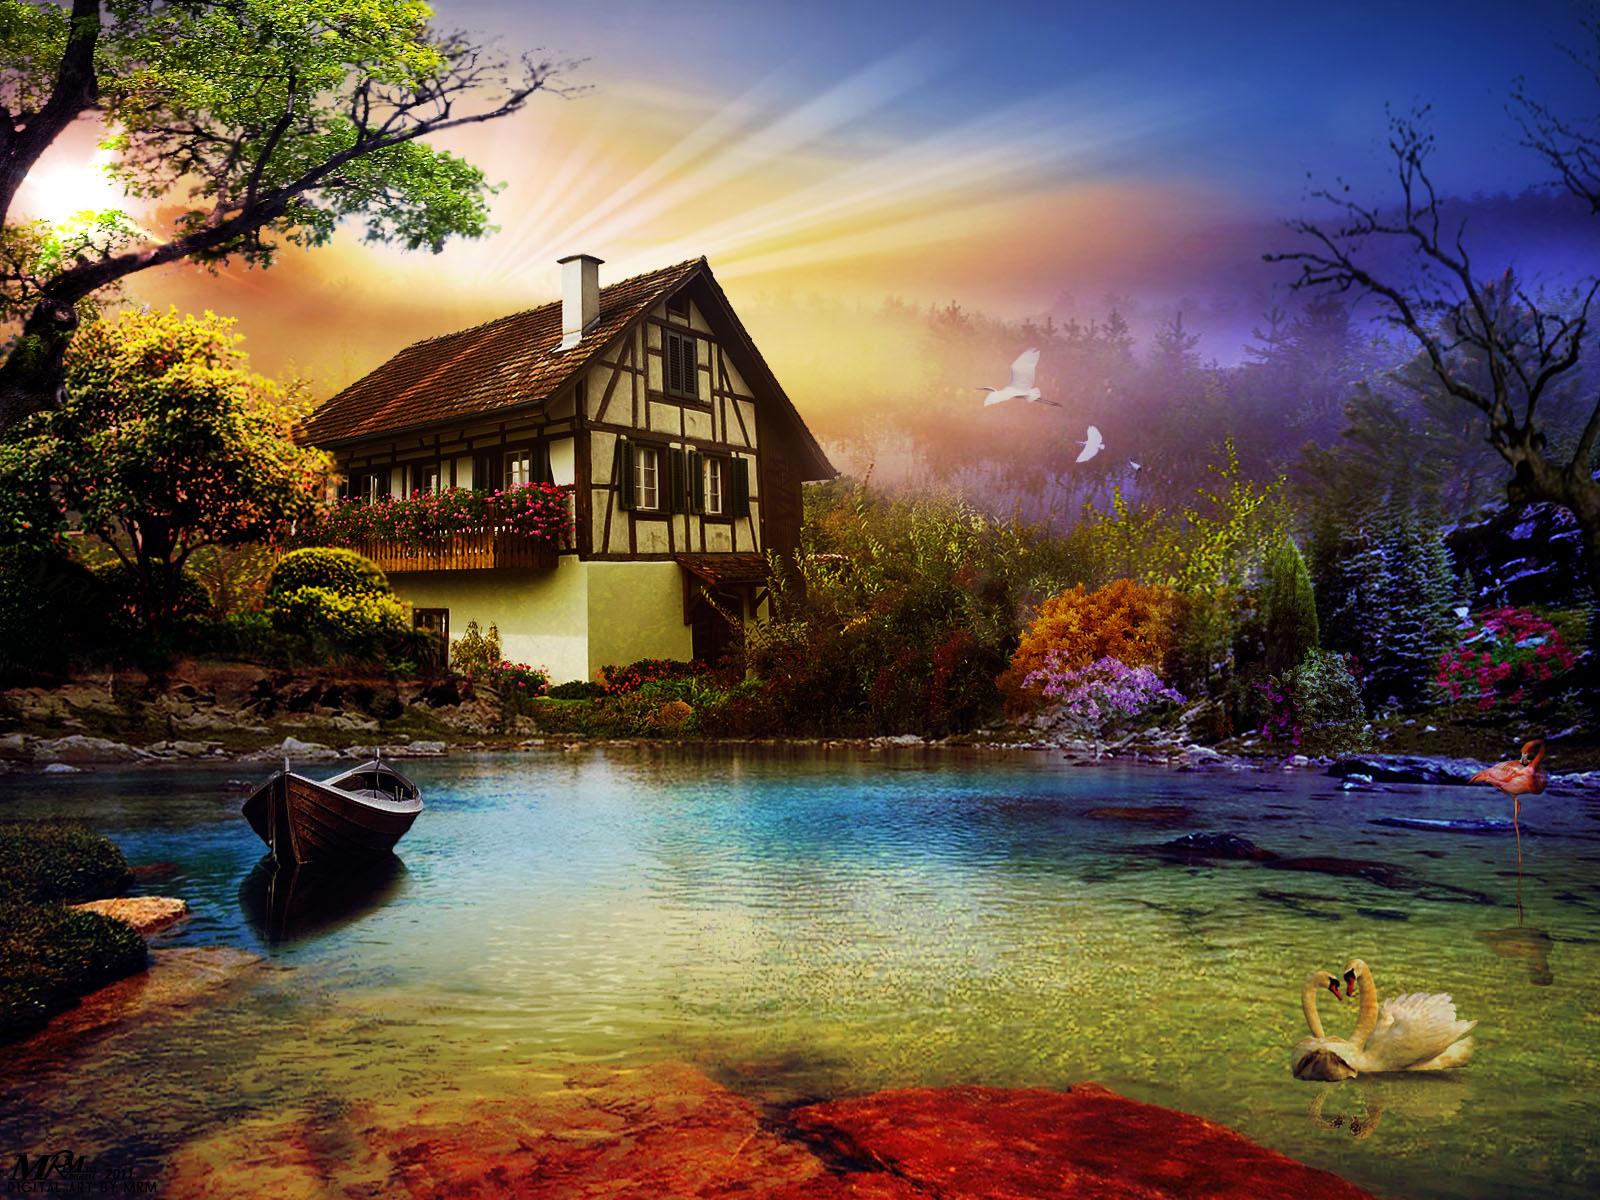 Muthu Rockzz: Photoshop Effects